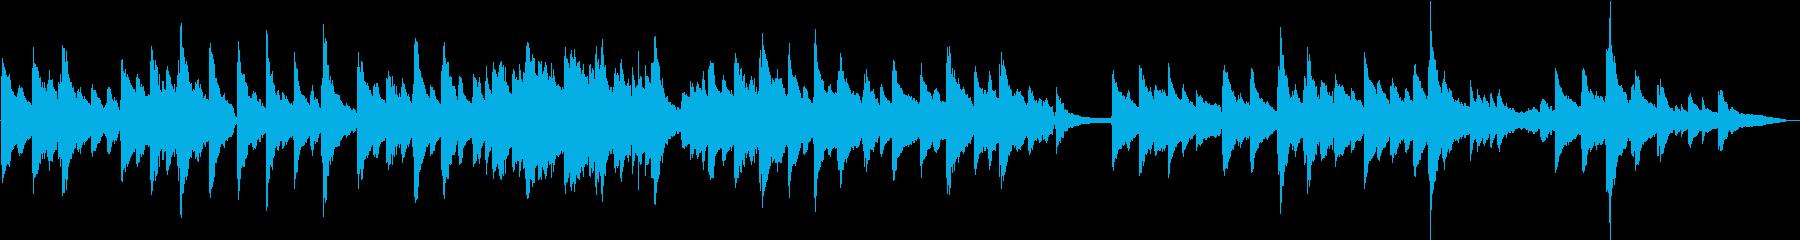 生演奏 落ち着いたピアノBGMの再生済みの波形